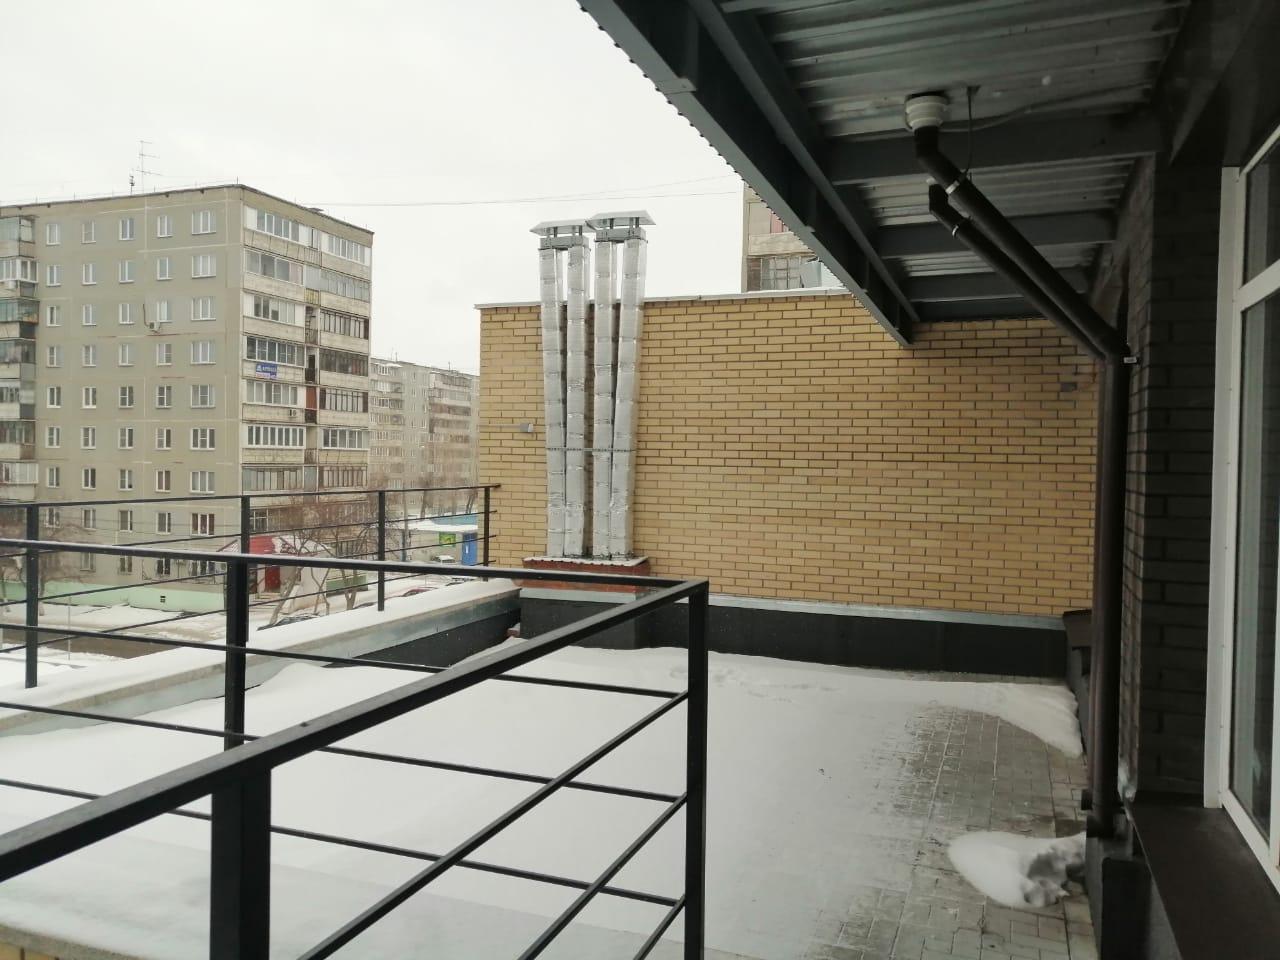 Retail в аренду по адресу Россия, Челябинская область, Челябинск, Комсомольский пр-кт, д. 80